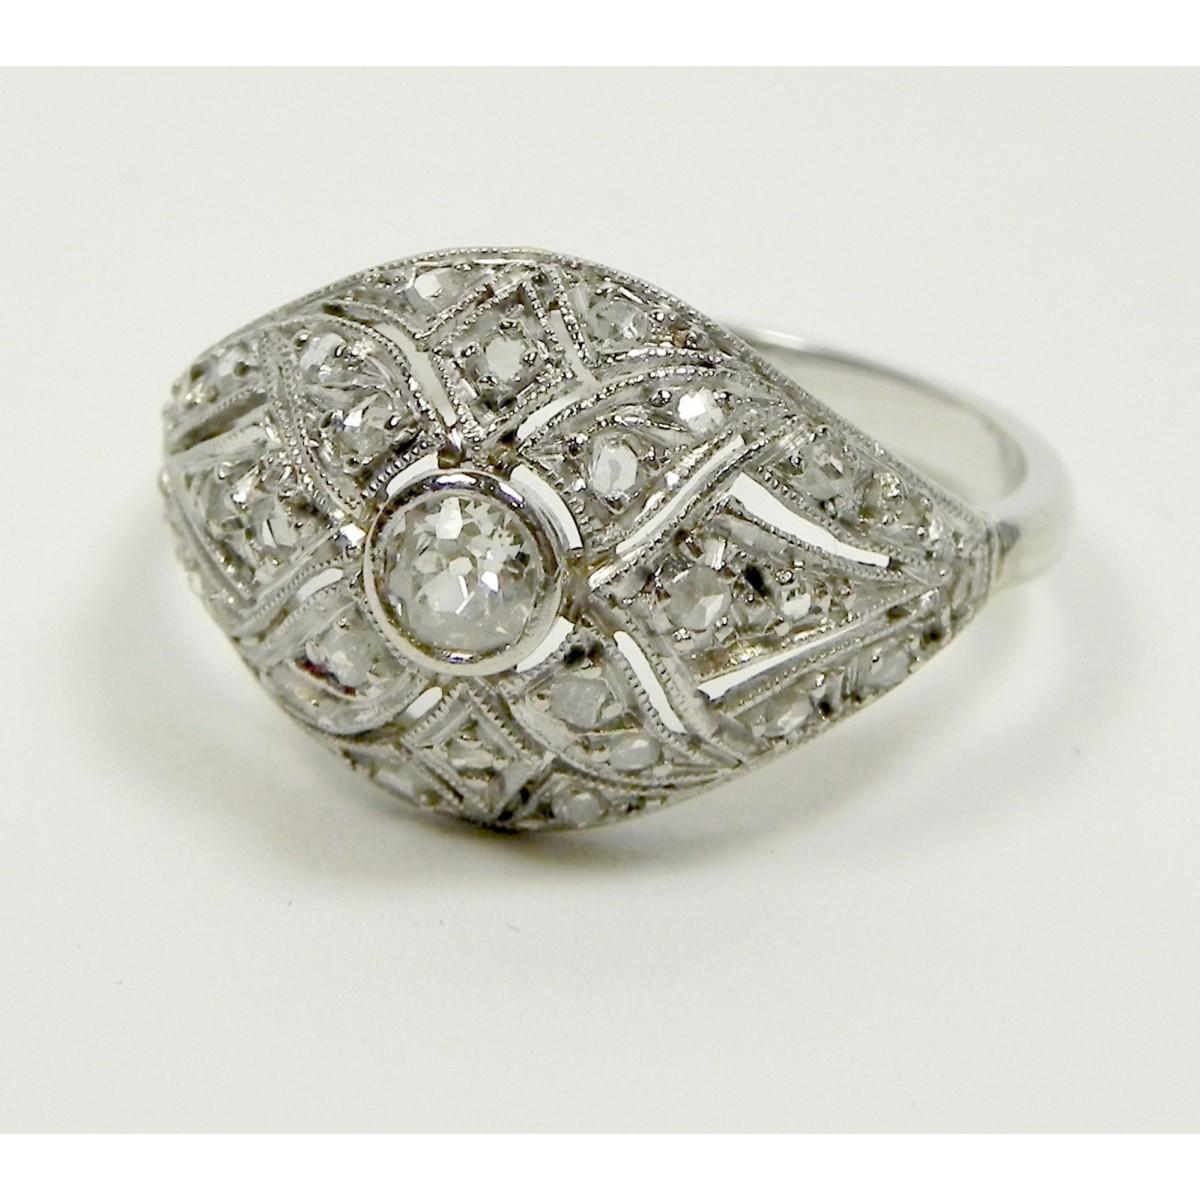 Connu Rare bague art déco or platine et diamants - Muse & Or KQ58